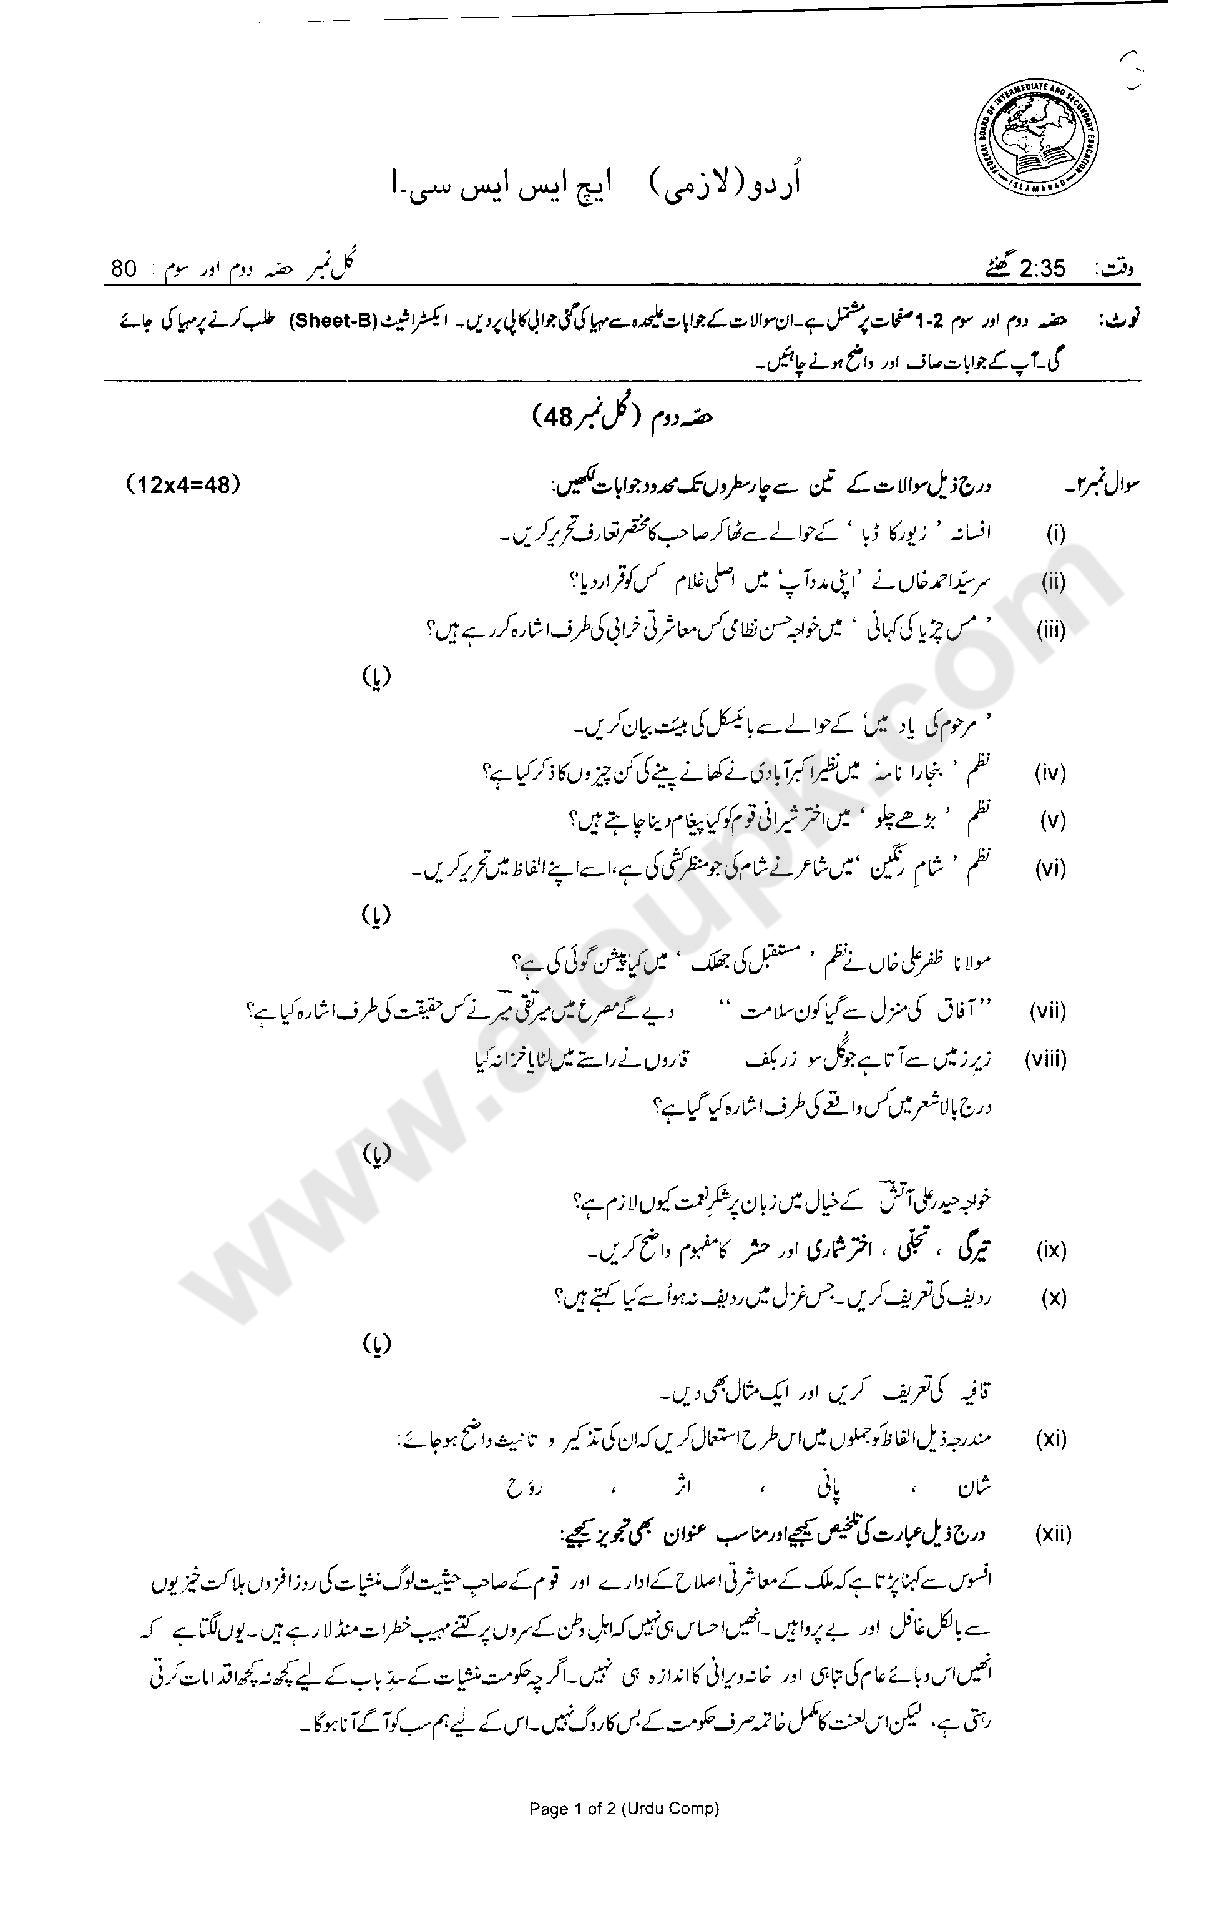 Urdu point essay